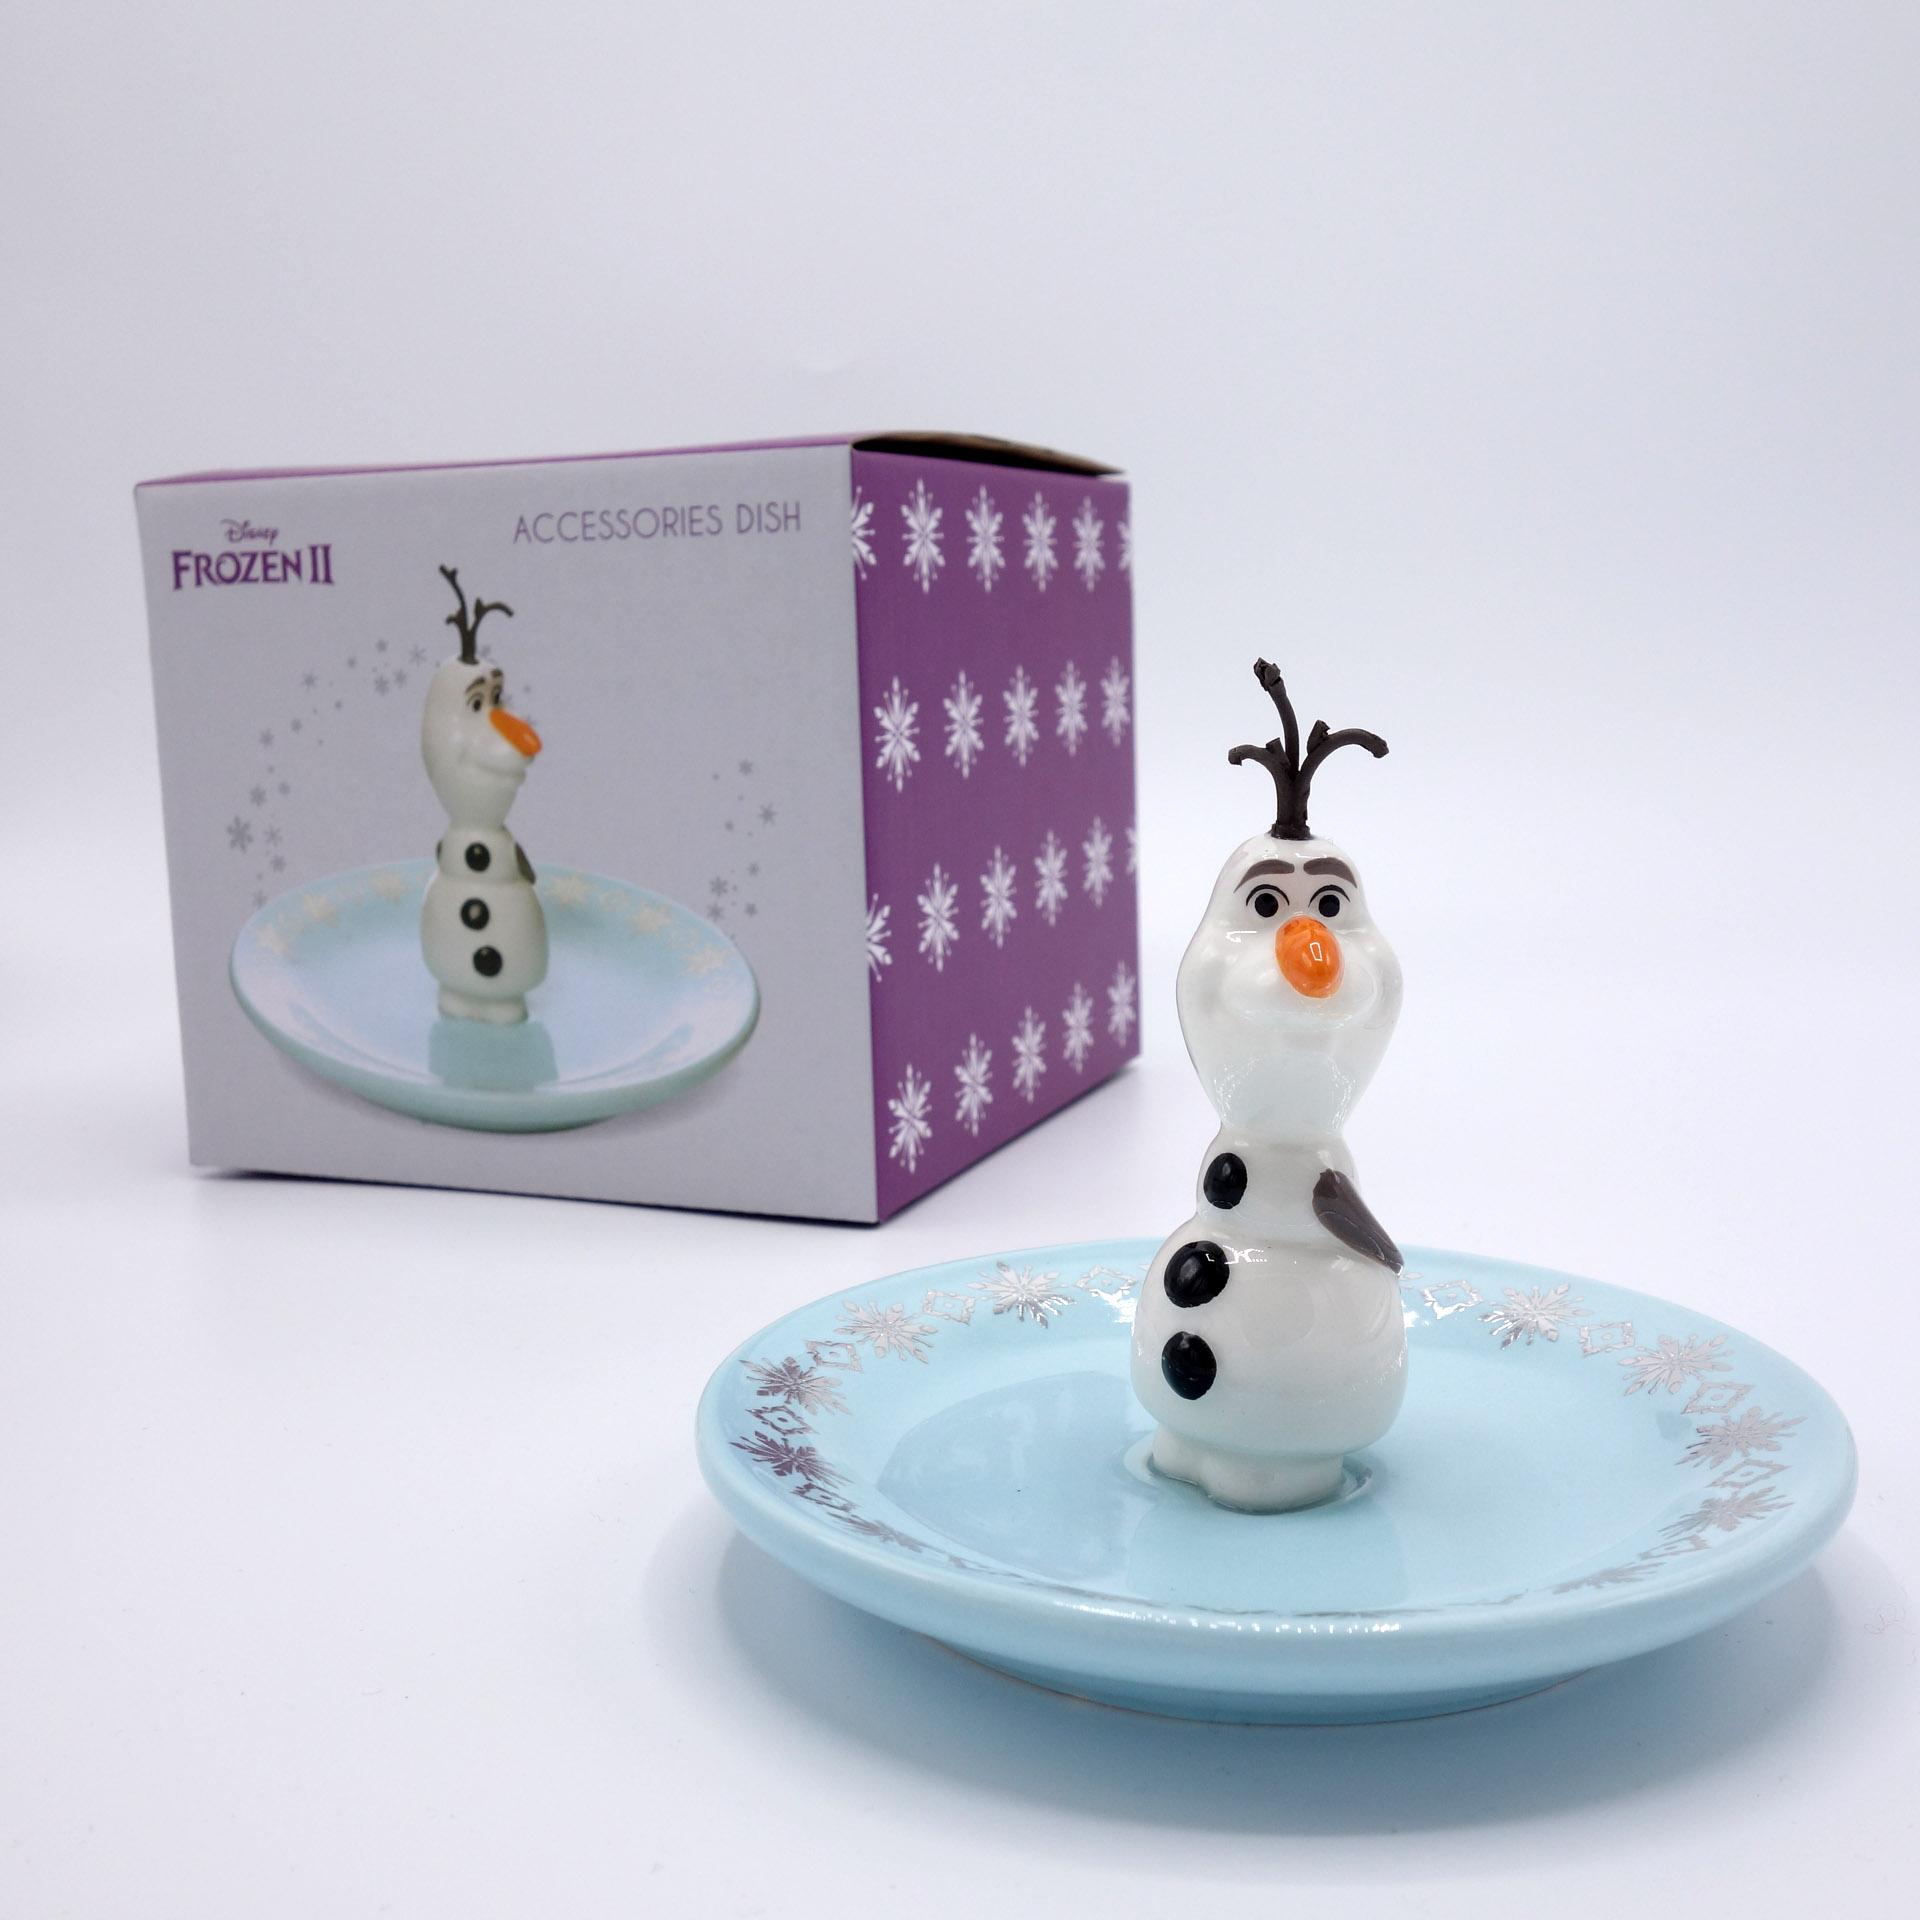 Disney Frozen Die Eiskönigin  Olaf Accessoires Schale